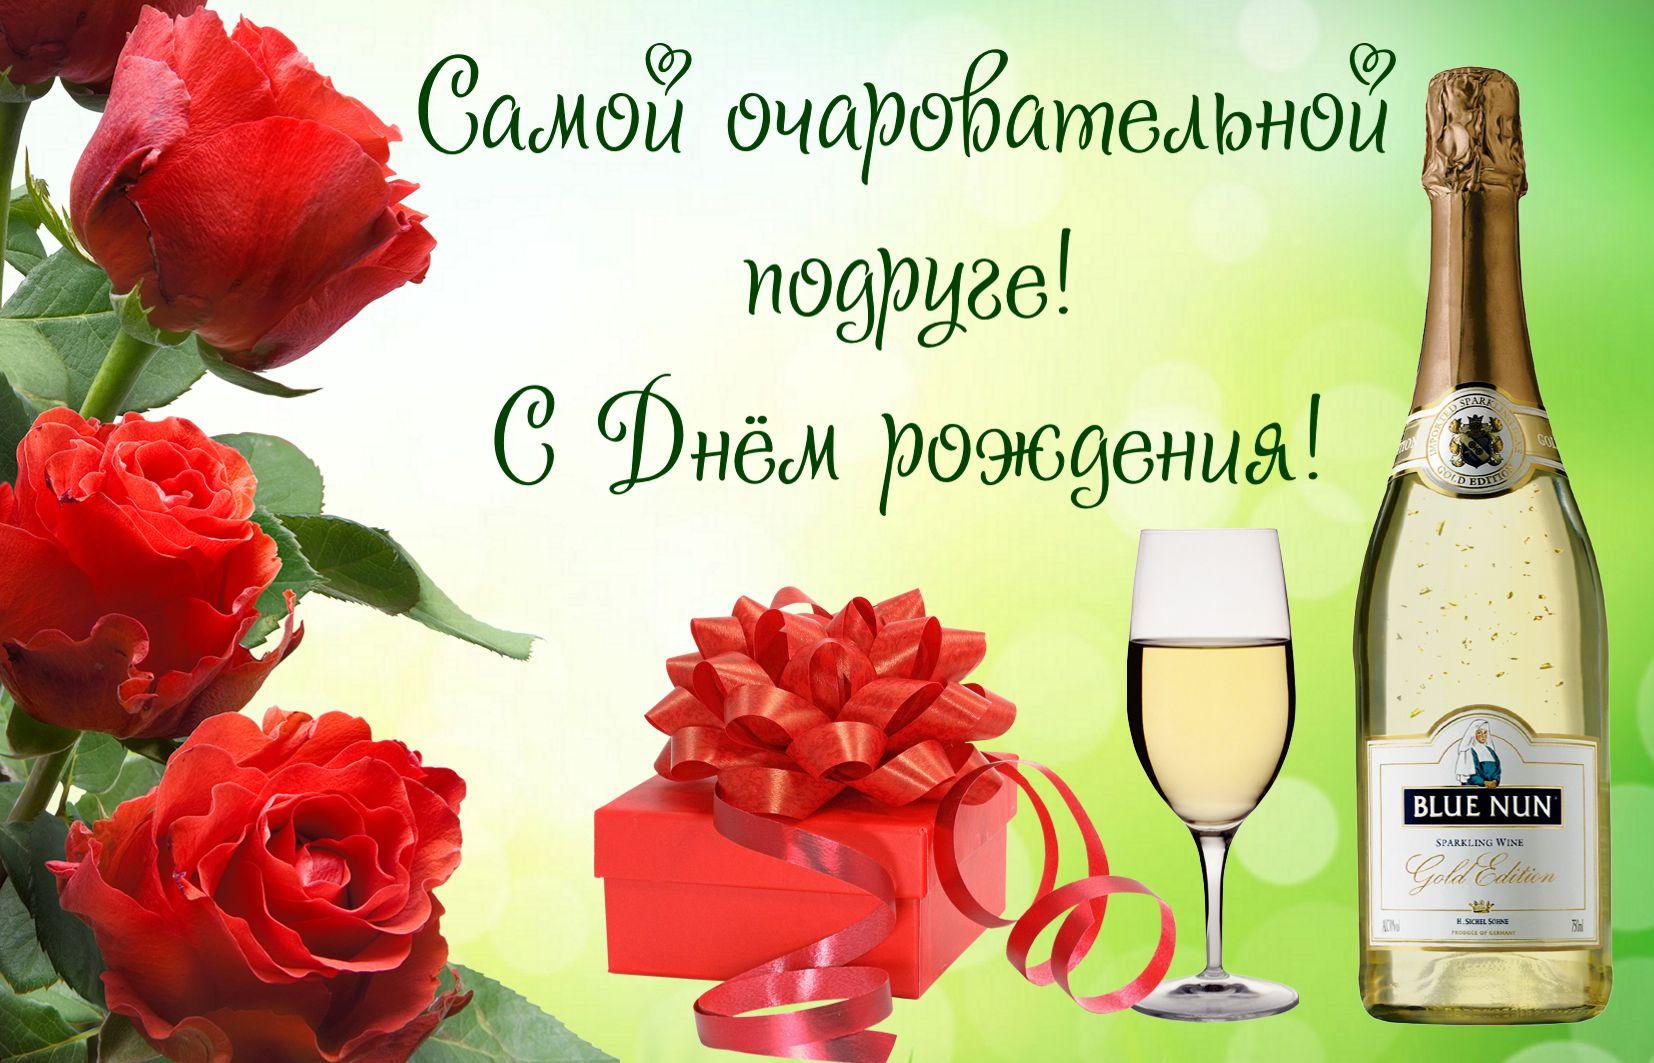 Открытка с Днём рождения подруге - шампанское, подарок и красные розы